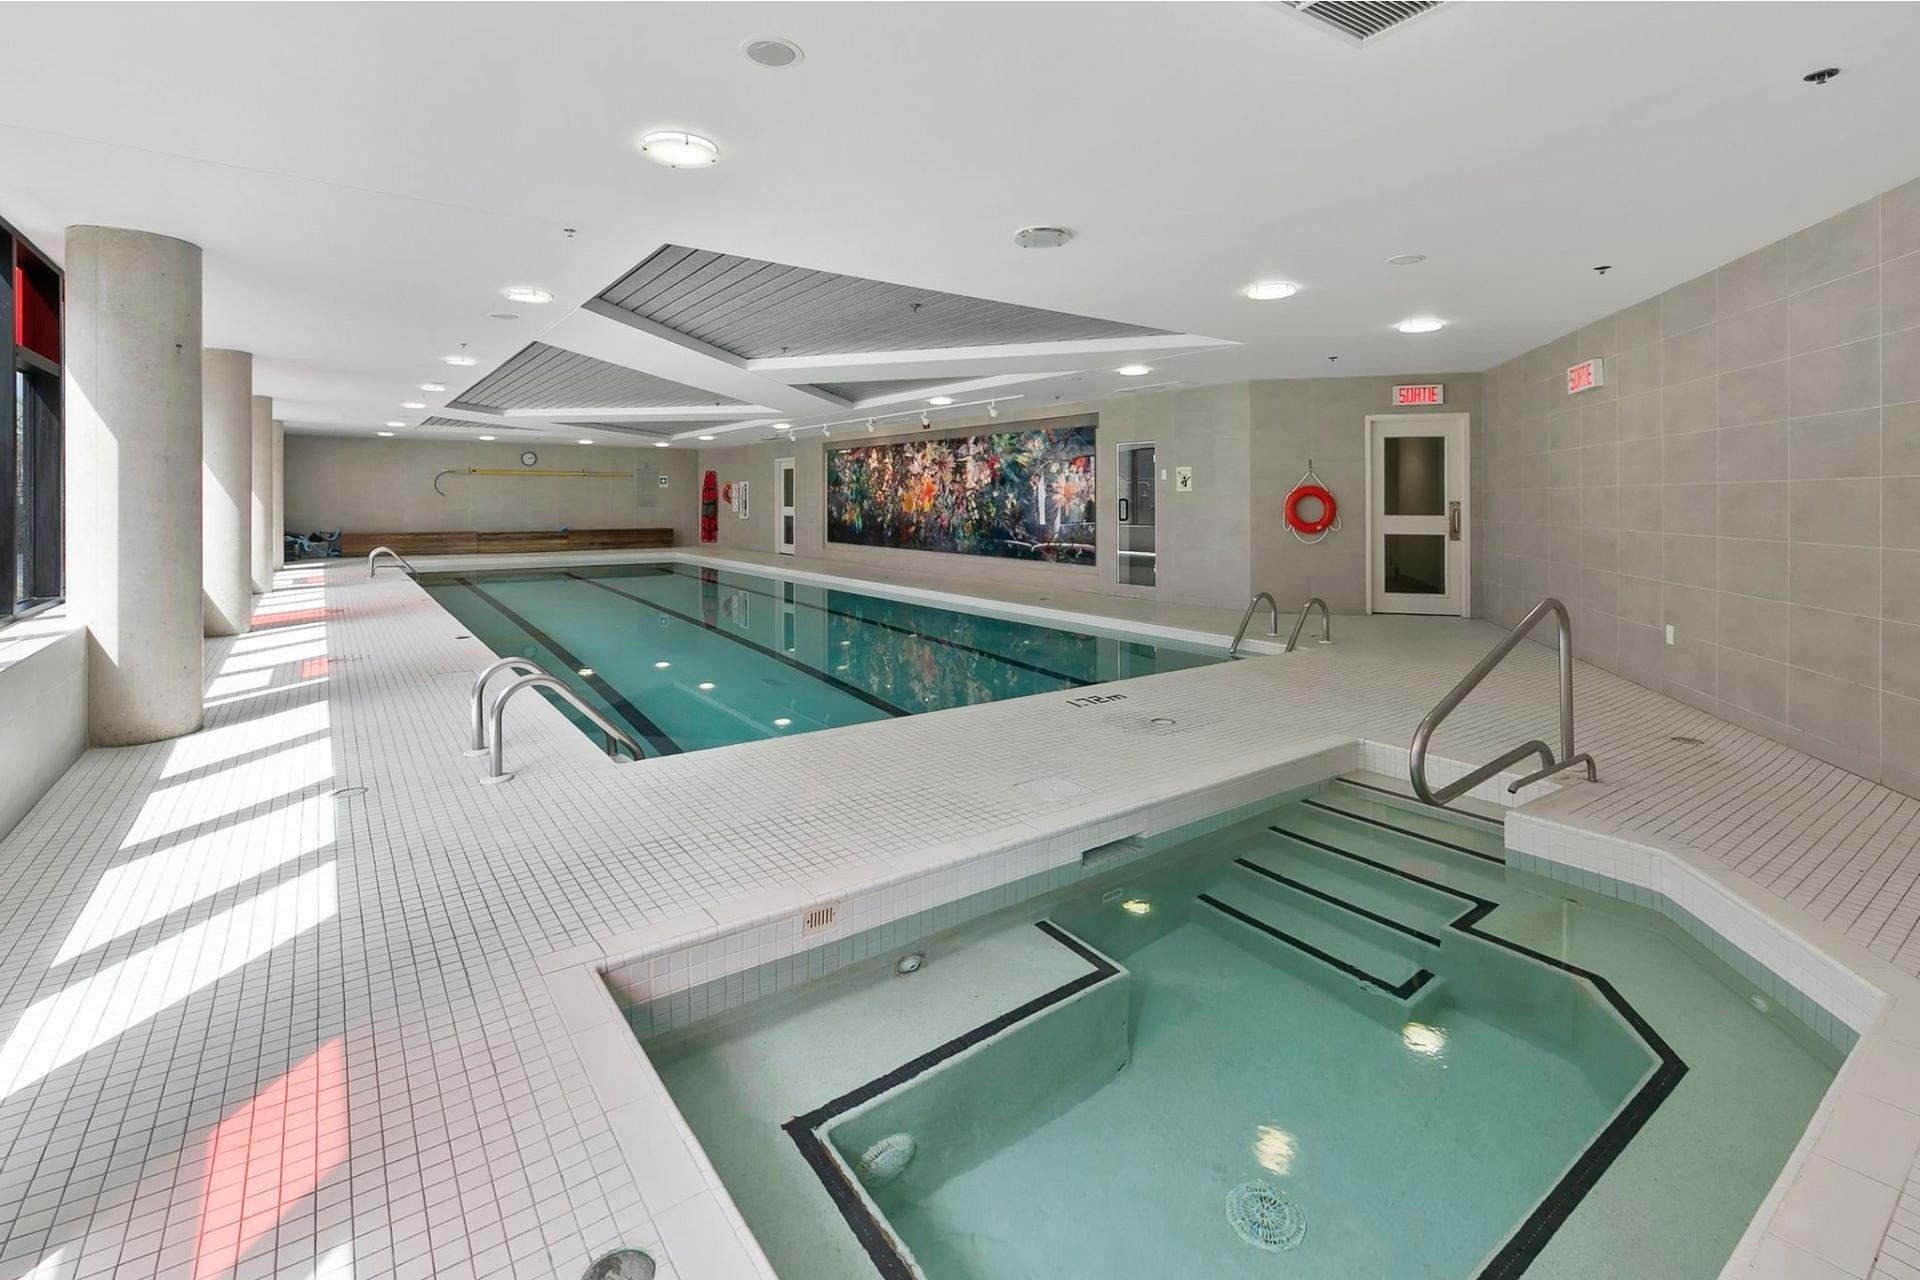 image 20 - Apartment For sale Côte-des-Neiges/Notre-Dame-de-Grâce Montréal  - 8 rooms